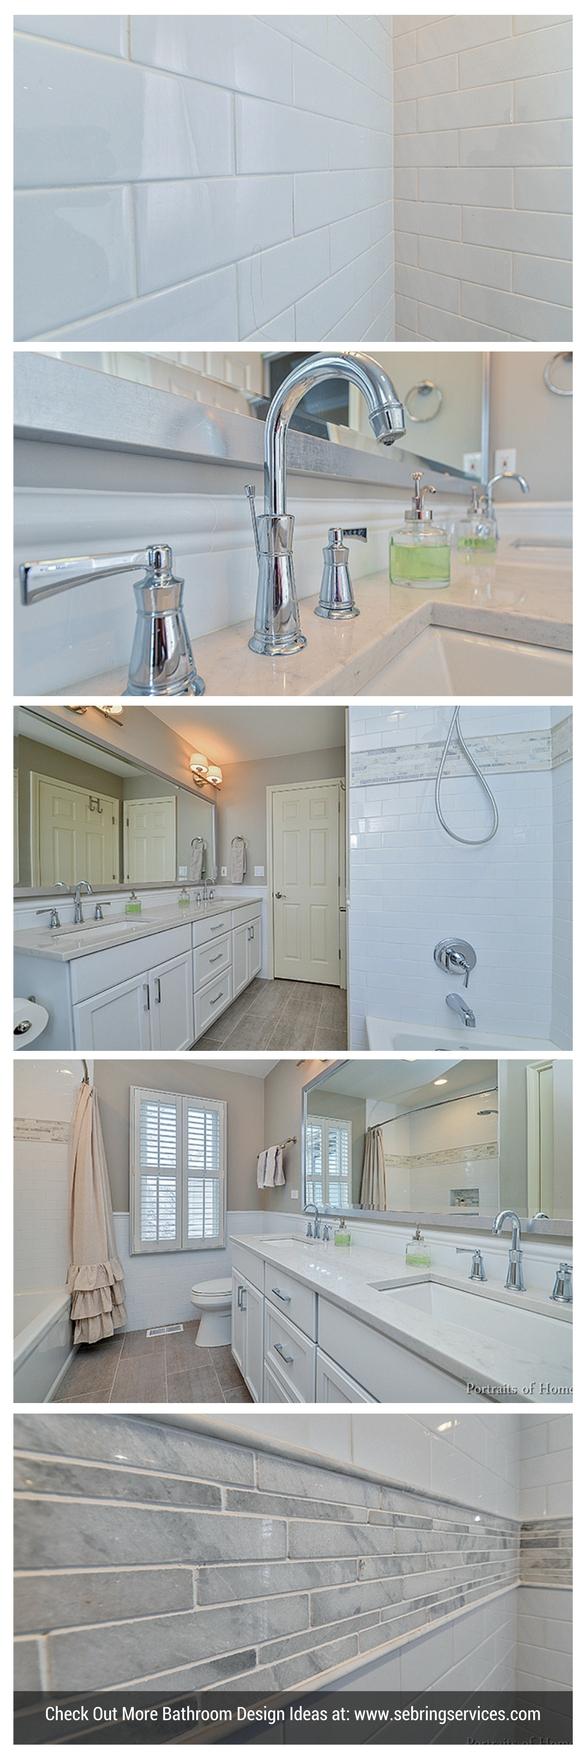 Bathroom Remodeling Tile Cabinet Granite Quartz Ideas Naperville Sebring  Services ...